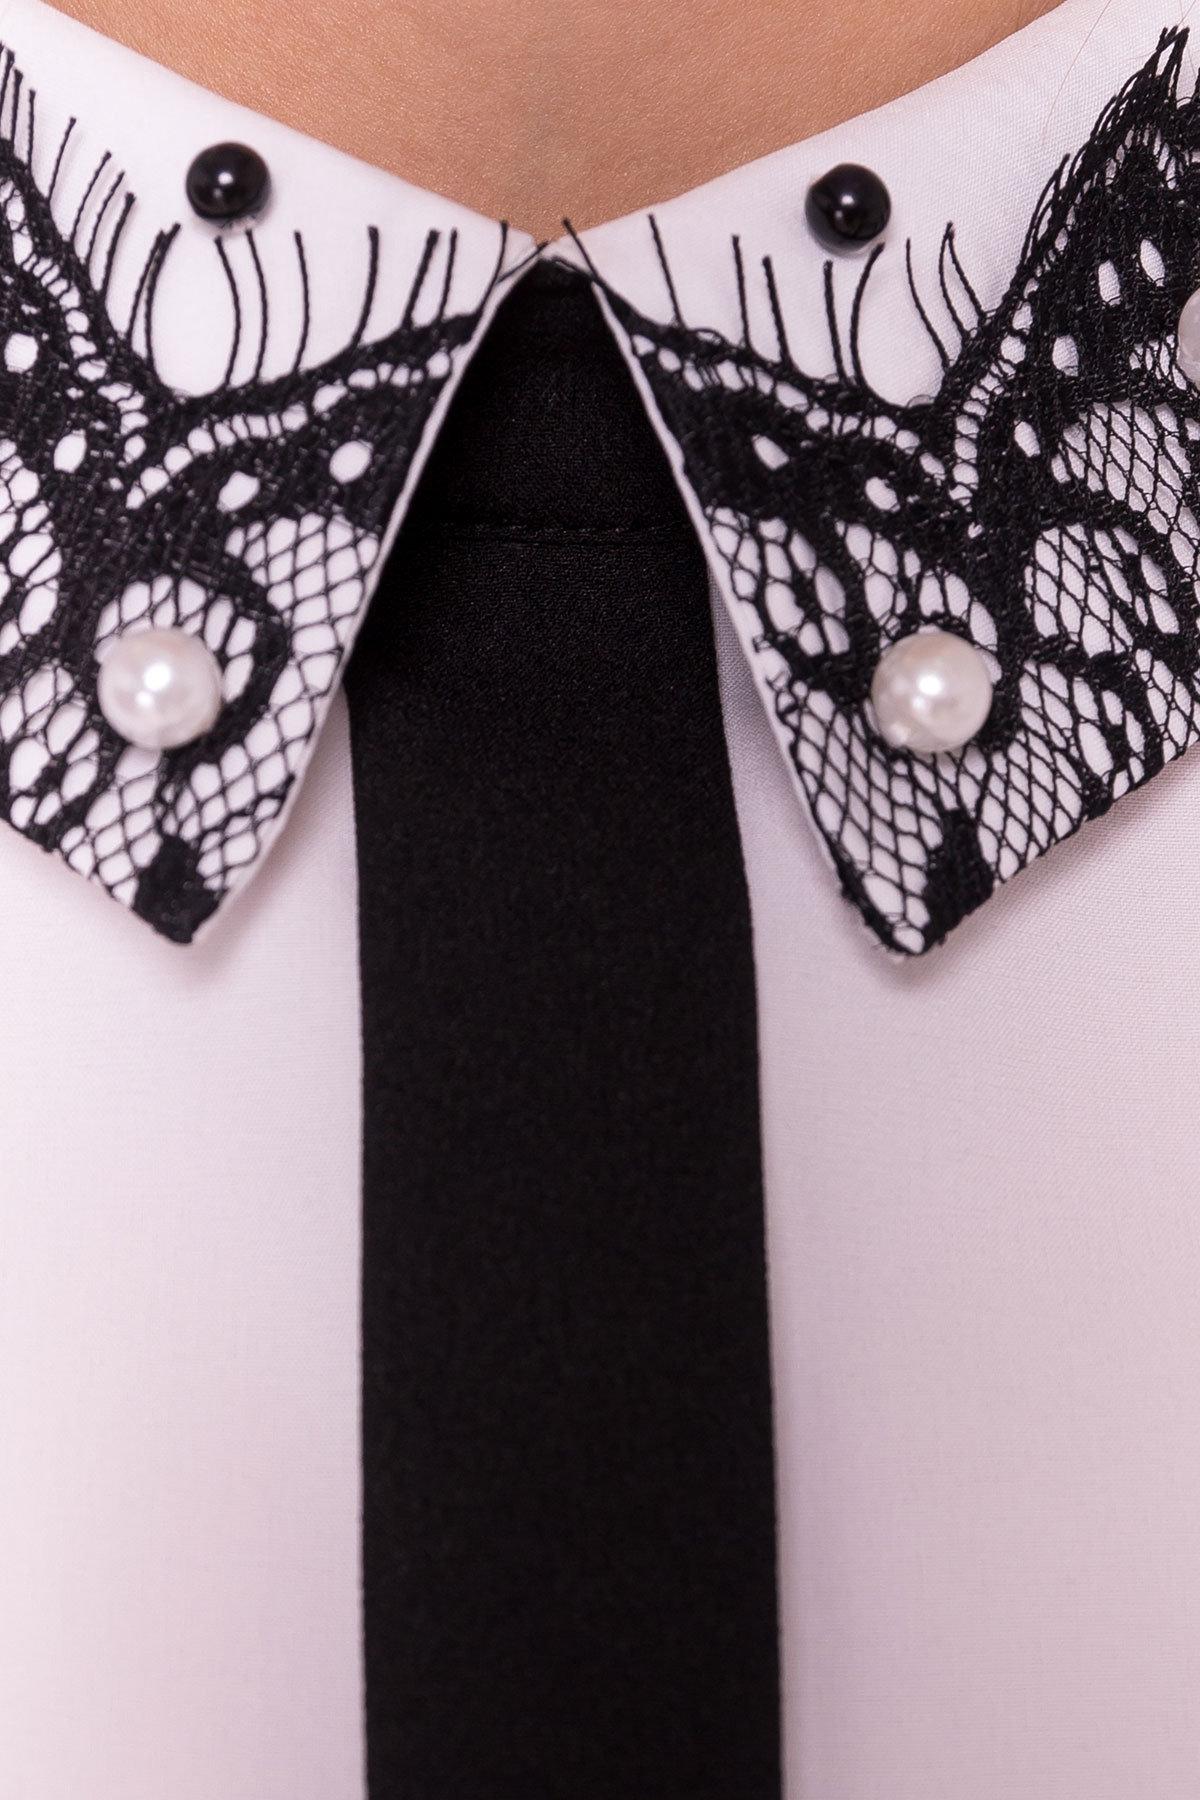 Блузка с вертикальной вставкой Мурия 5220 АРТ. 36304 Цвет: Белый - фото 10, интернет магазин tm-modus.ru